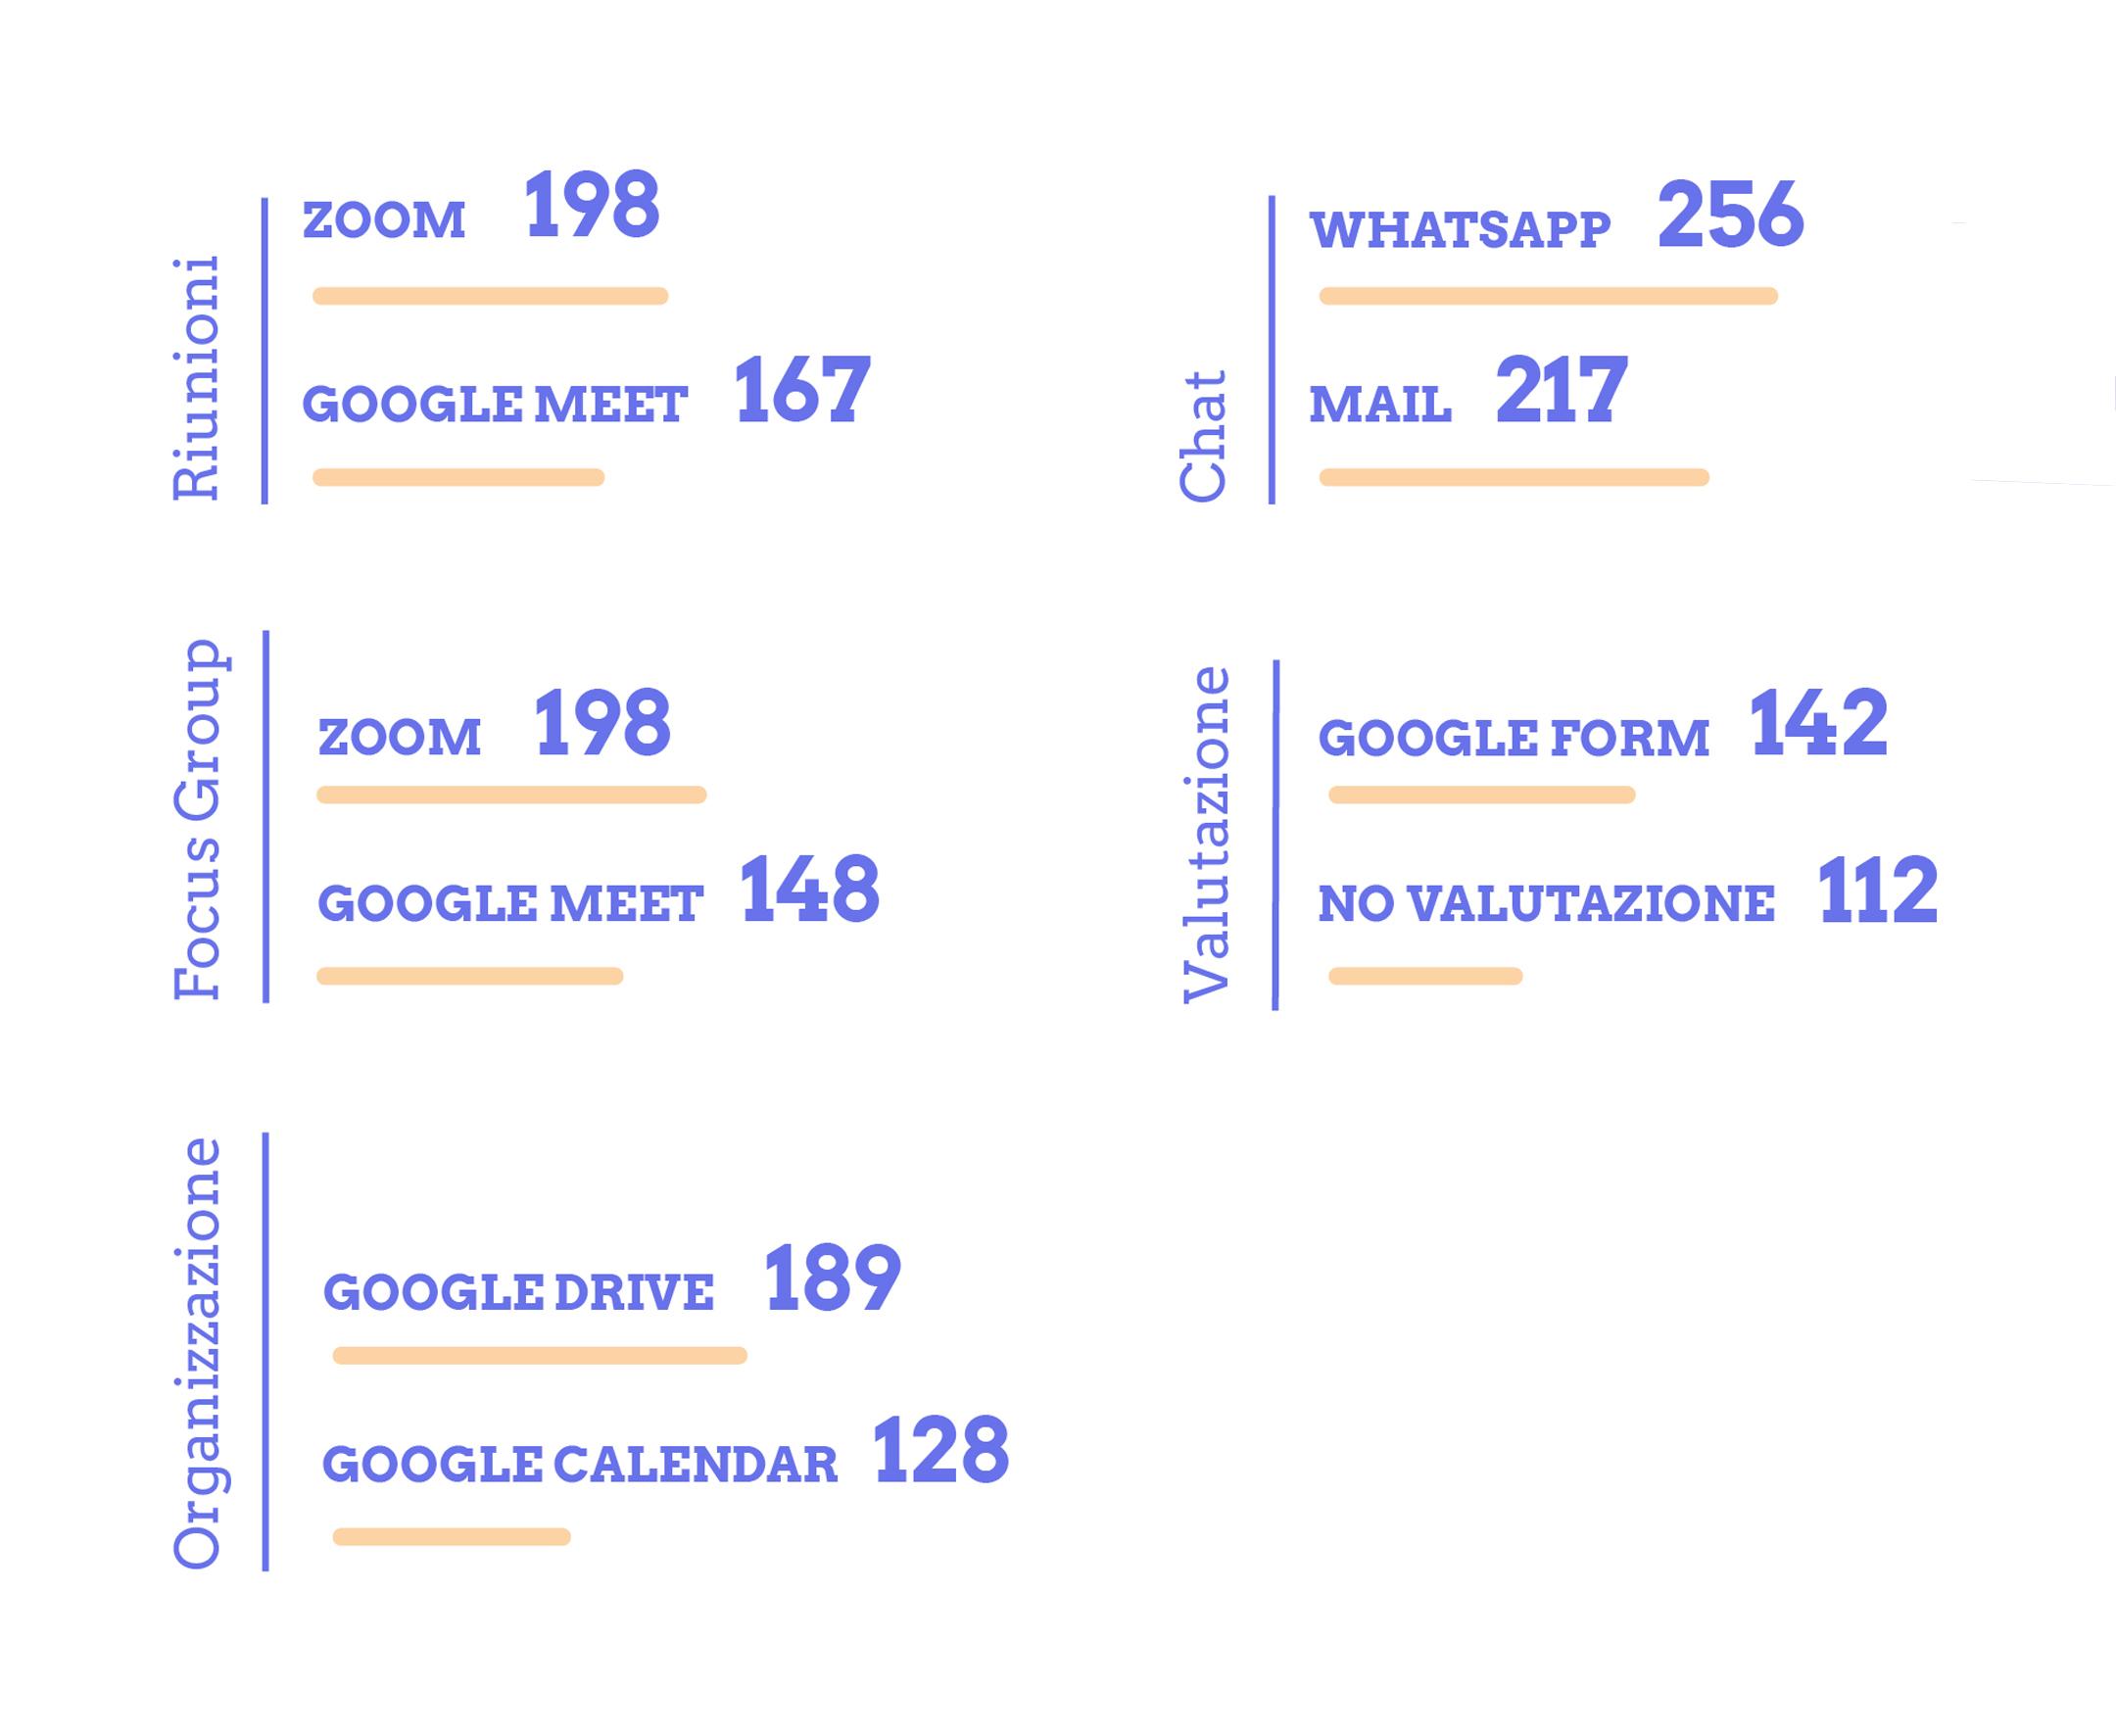 strumenti maggiormente usati lavoro a distana da remoto SEVERE terzo settore questionario raccolta dati nazionale